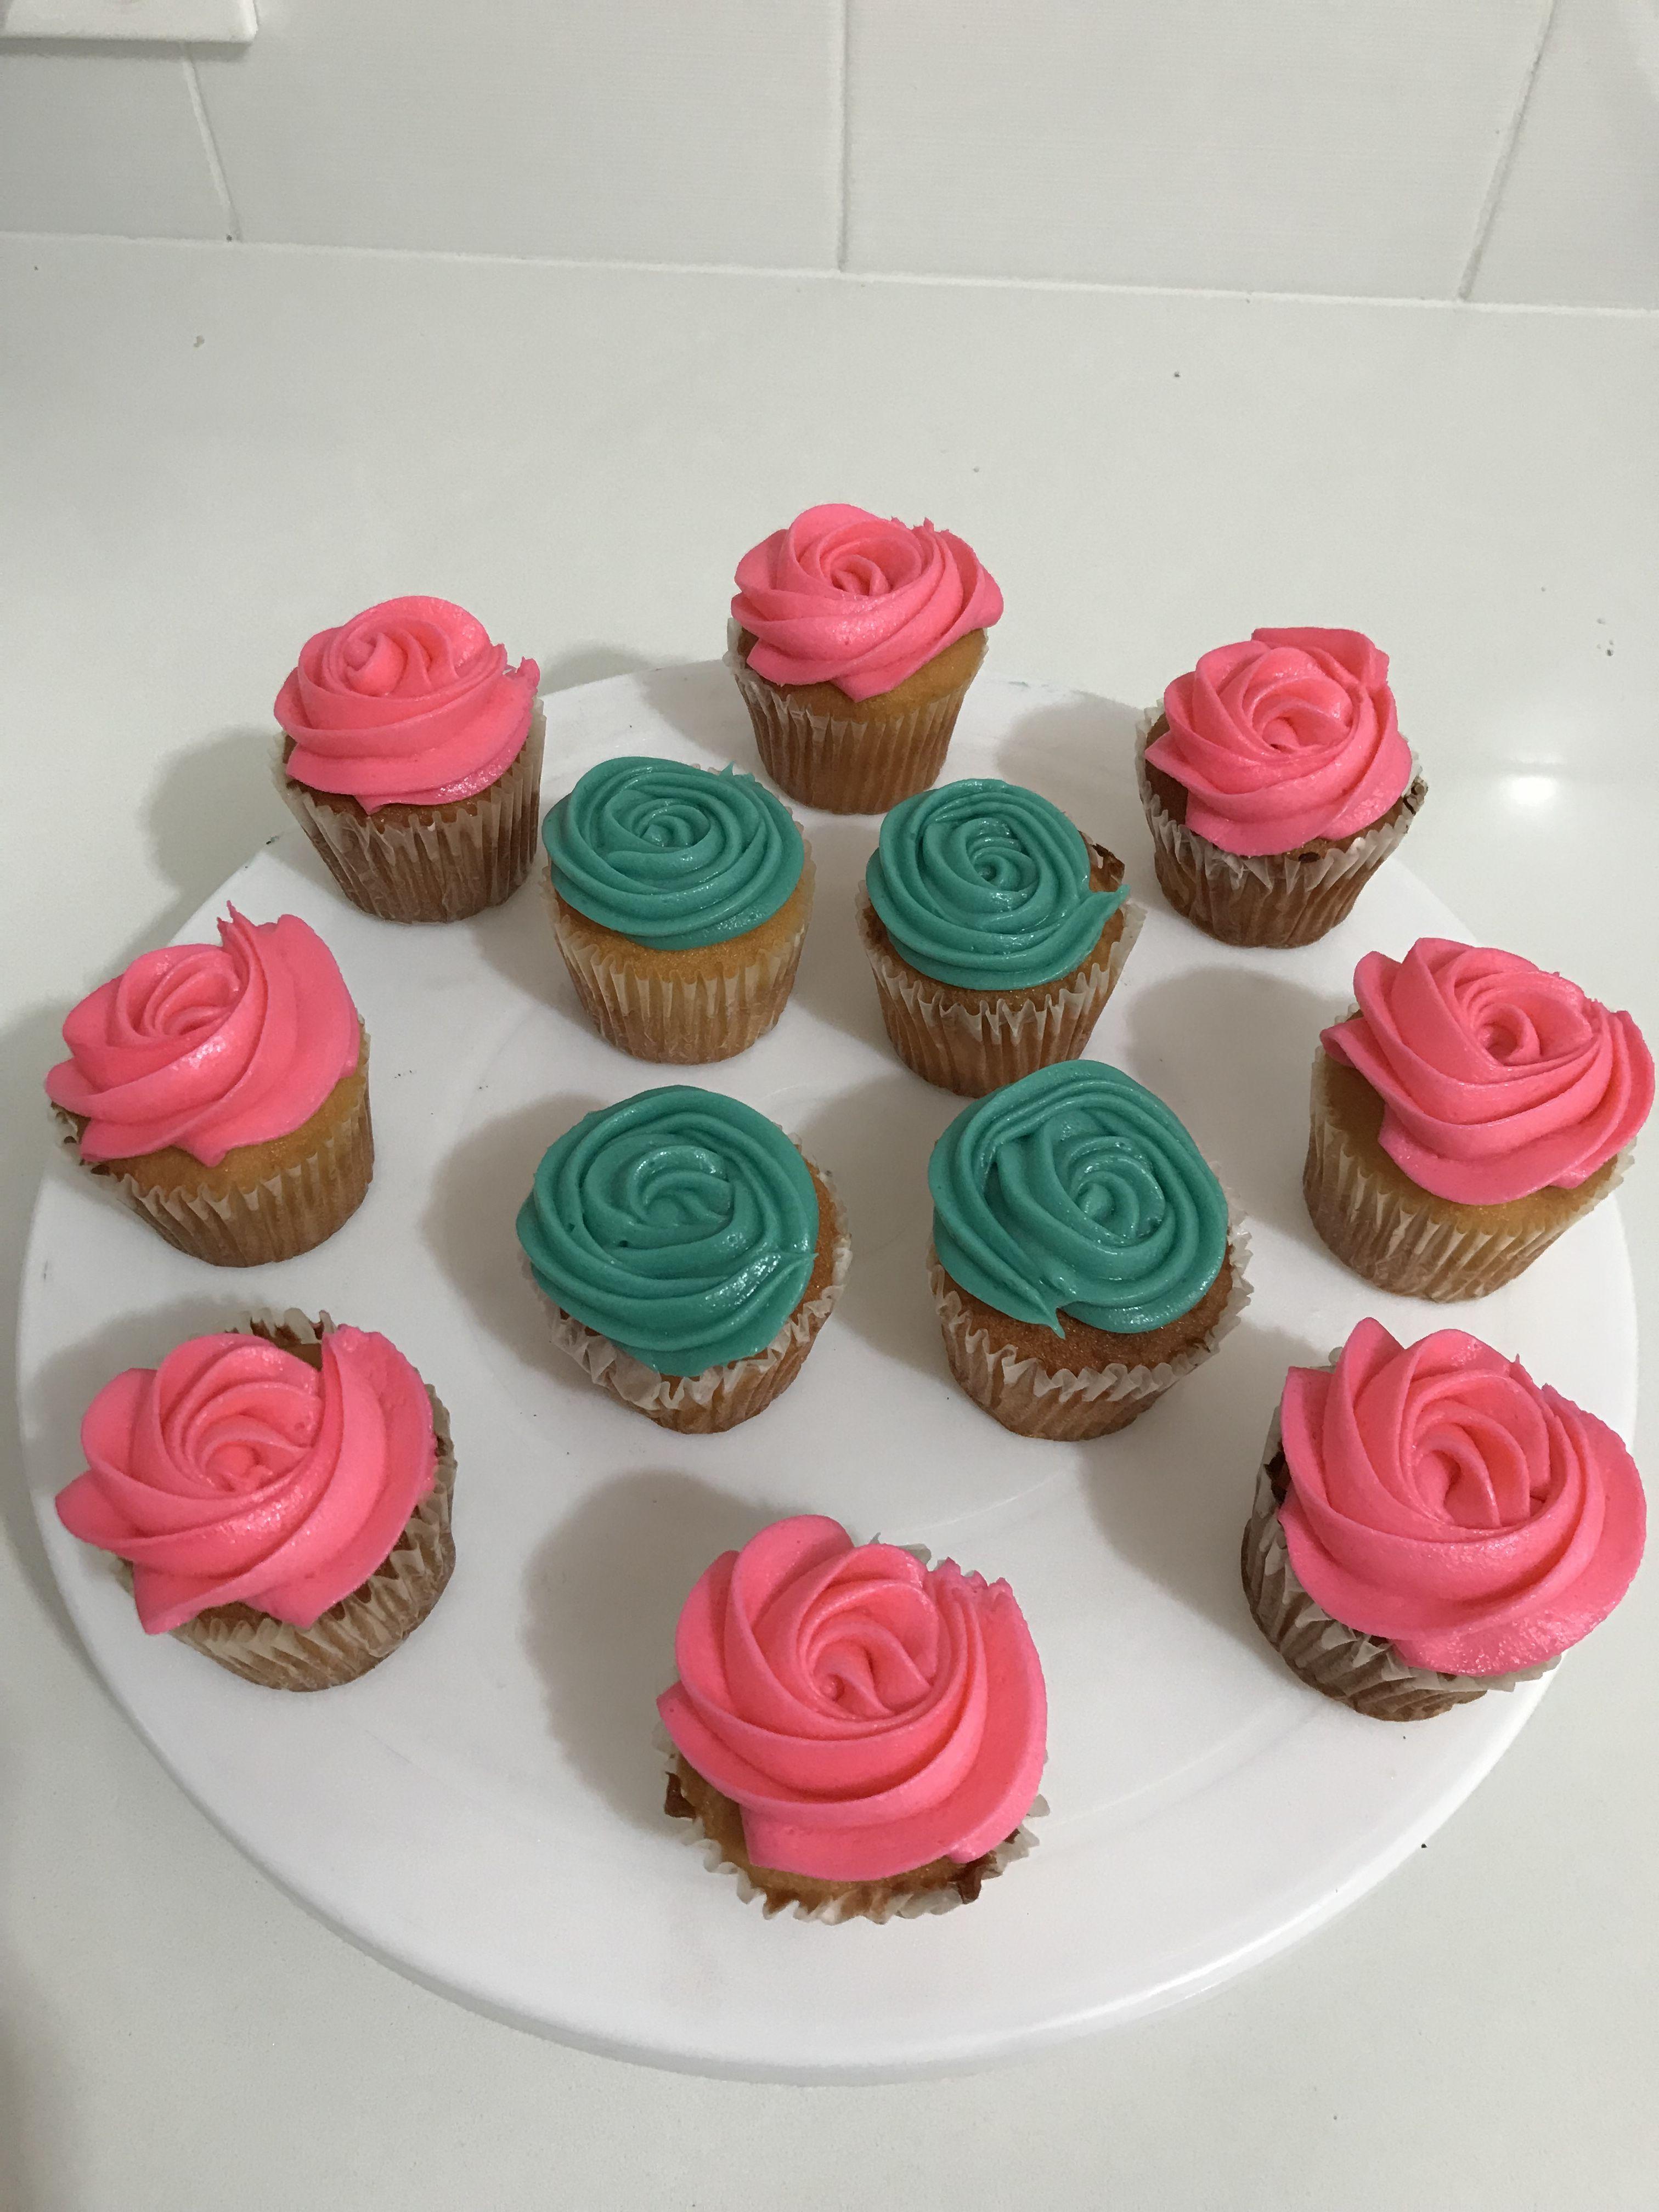 Rosettes Cupcakes Cake Decoration By Kenya Lima Pinterest